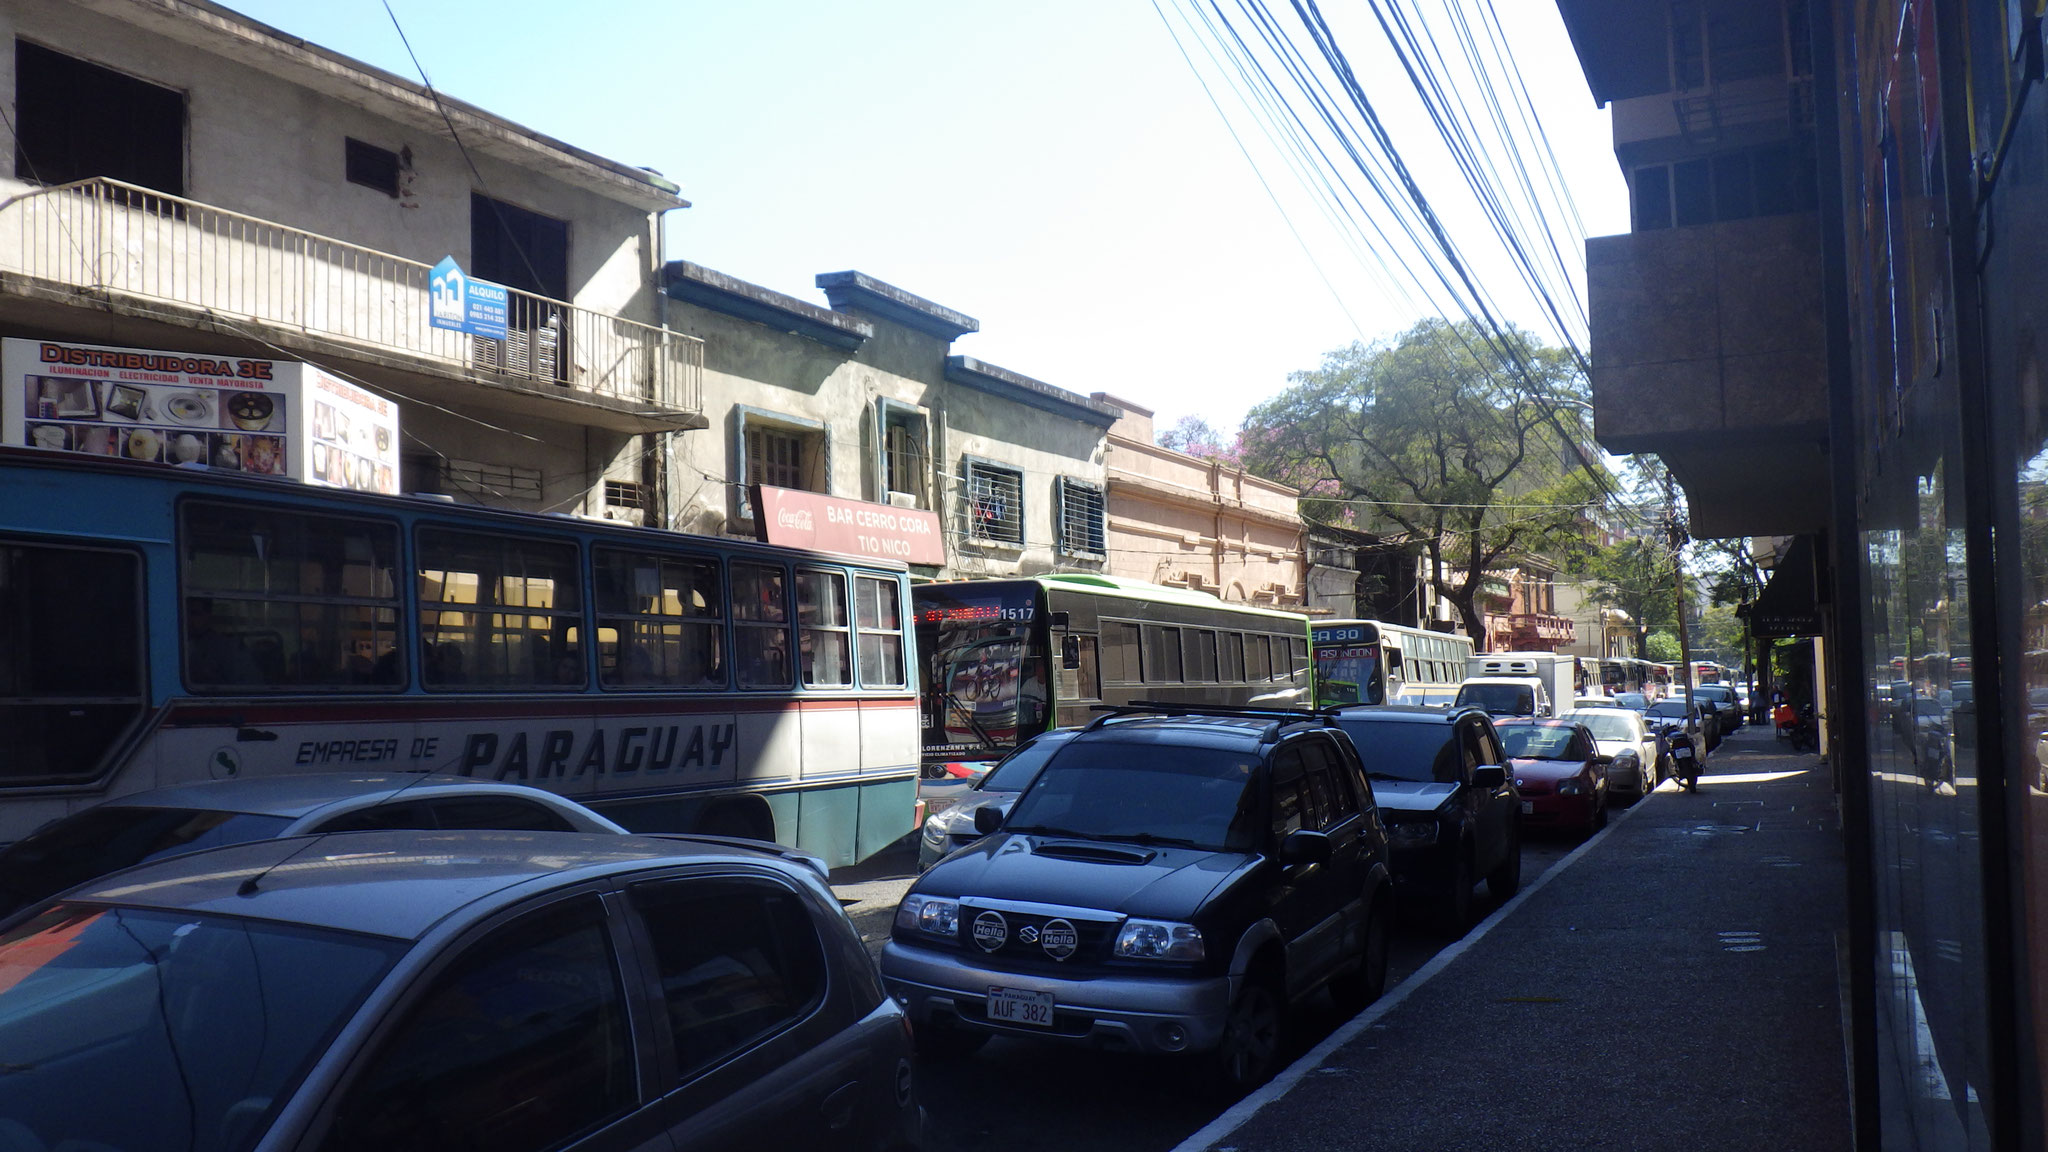 Il y a beaucoup de bus !